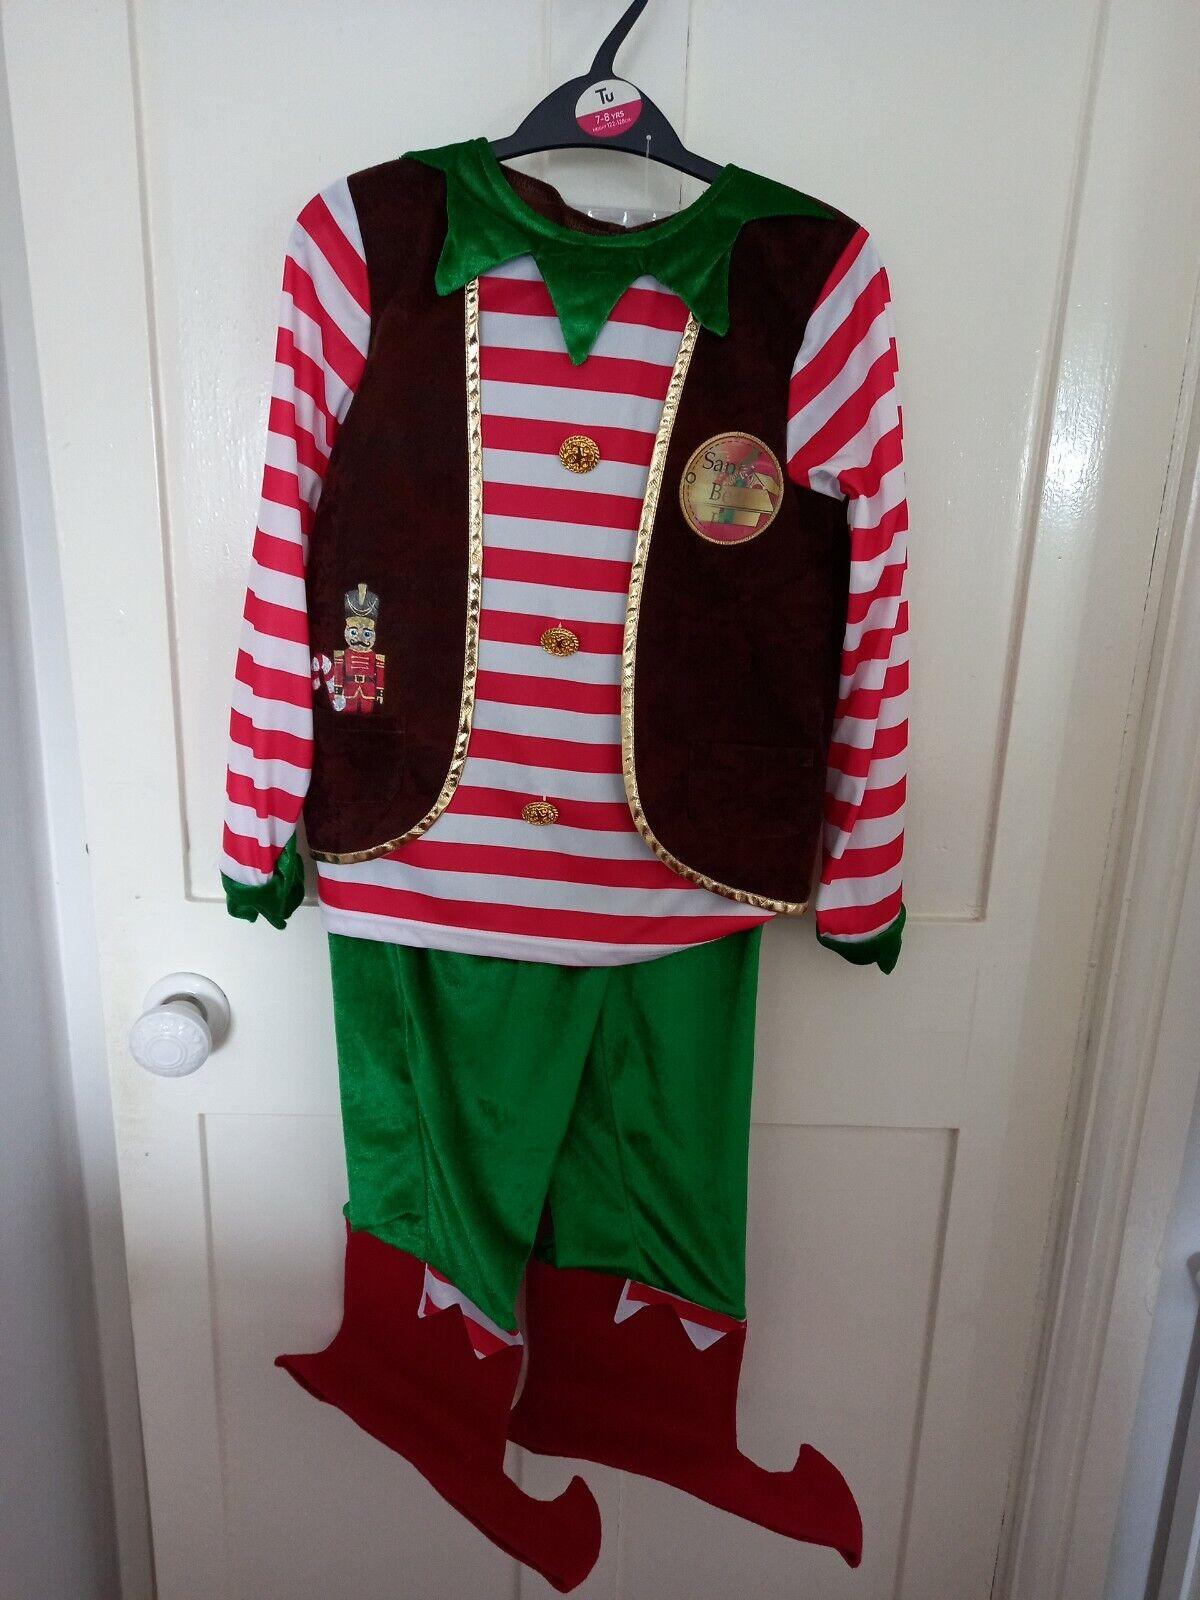 Tu - Boy's Santa's workshop Elf fancy dress costume, with tools, aged 7- 8 yrs